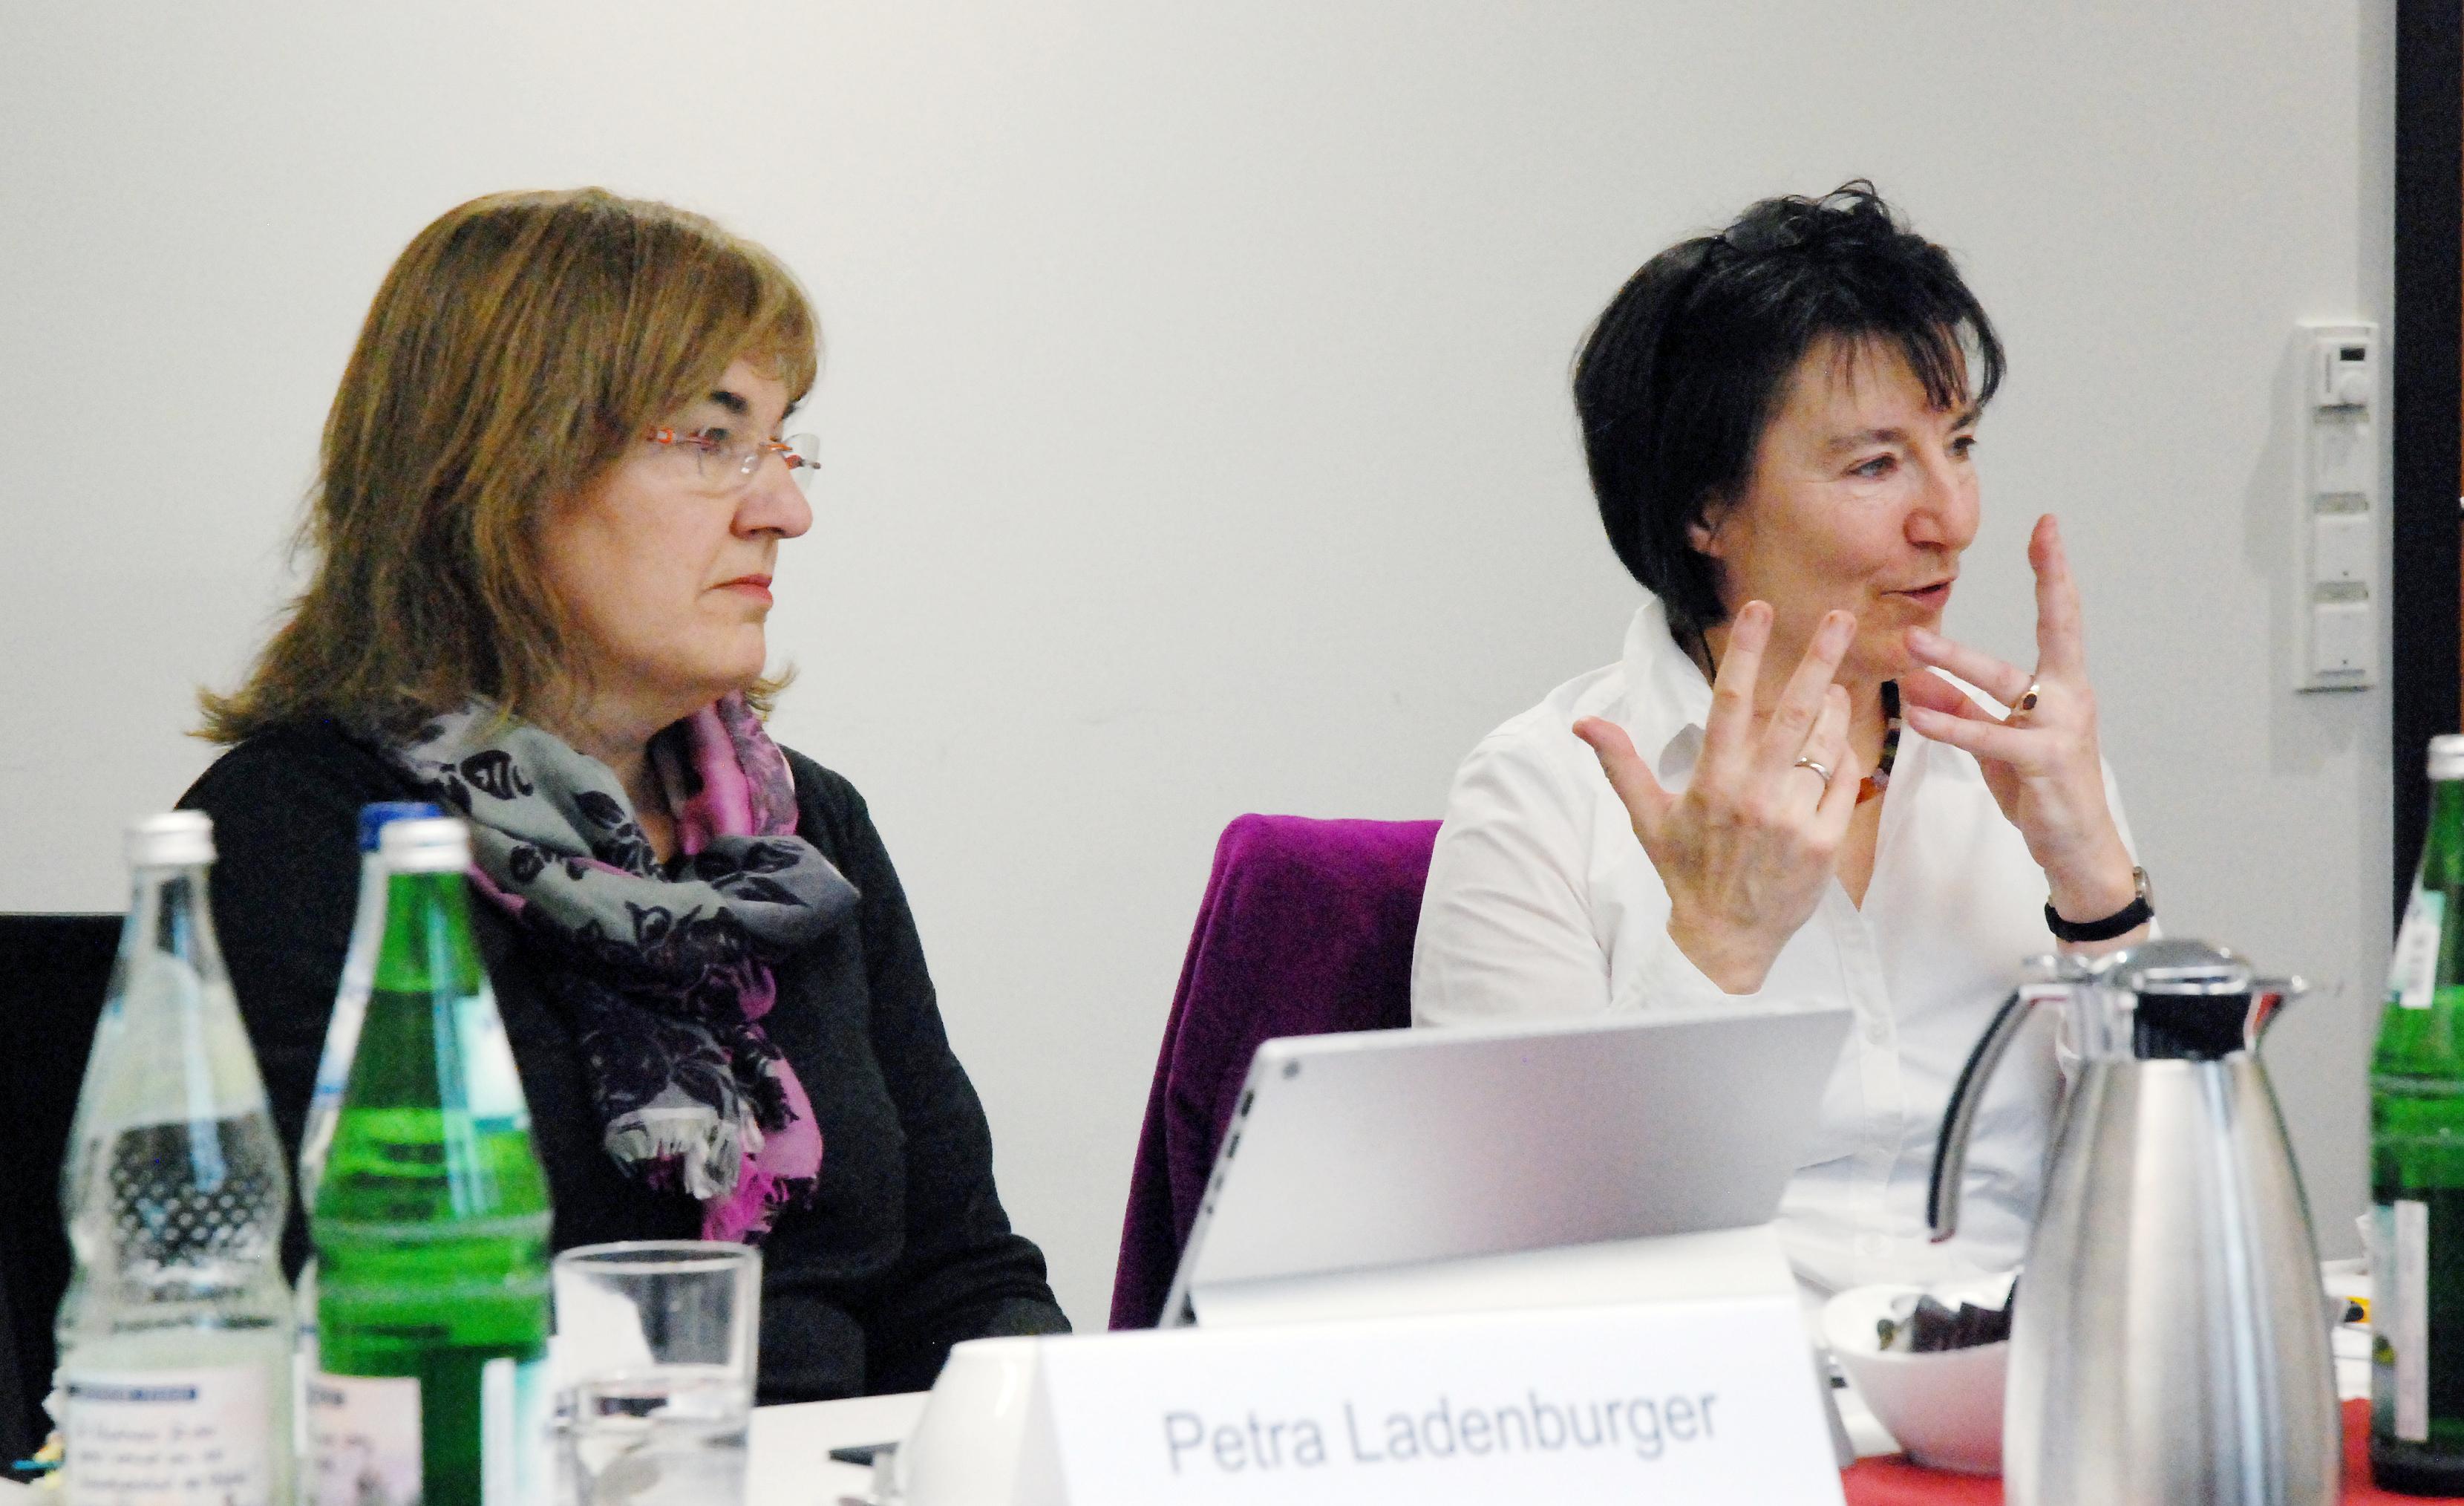 von links nach rechts: Petra Ladenburger, Martina Lörsch